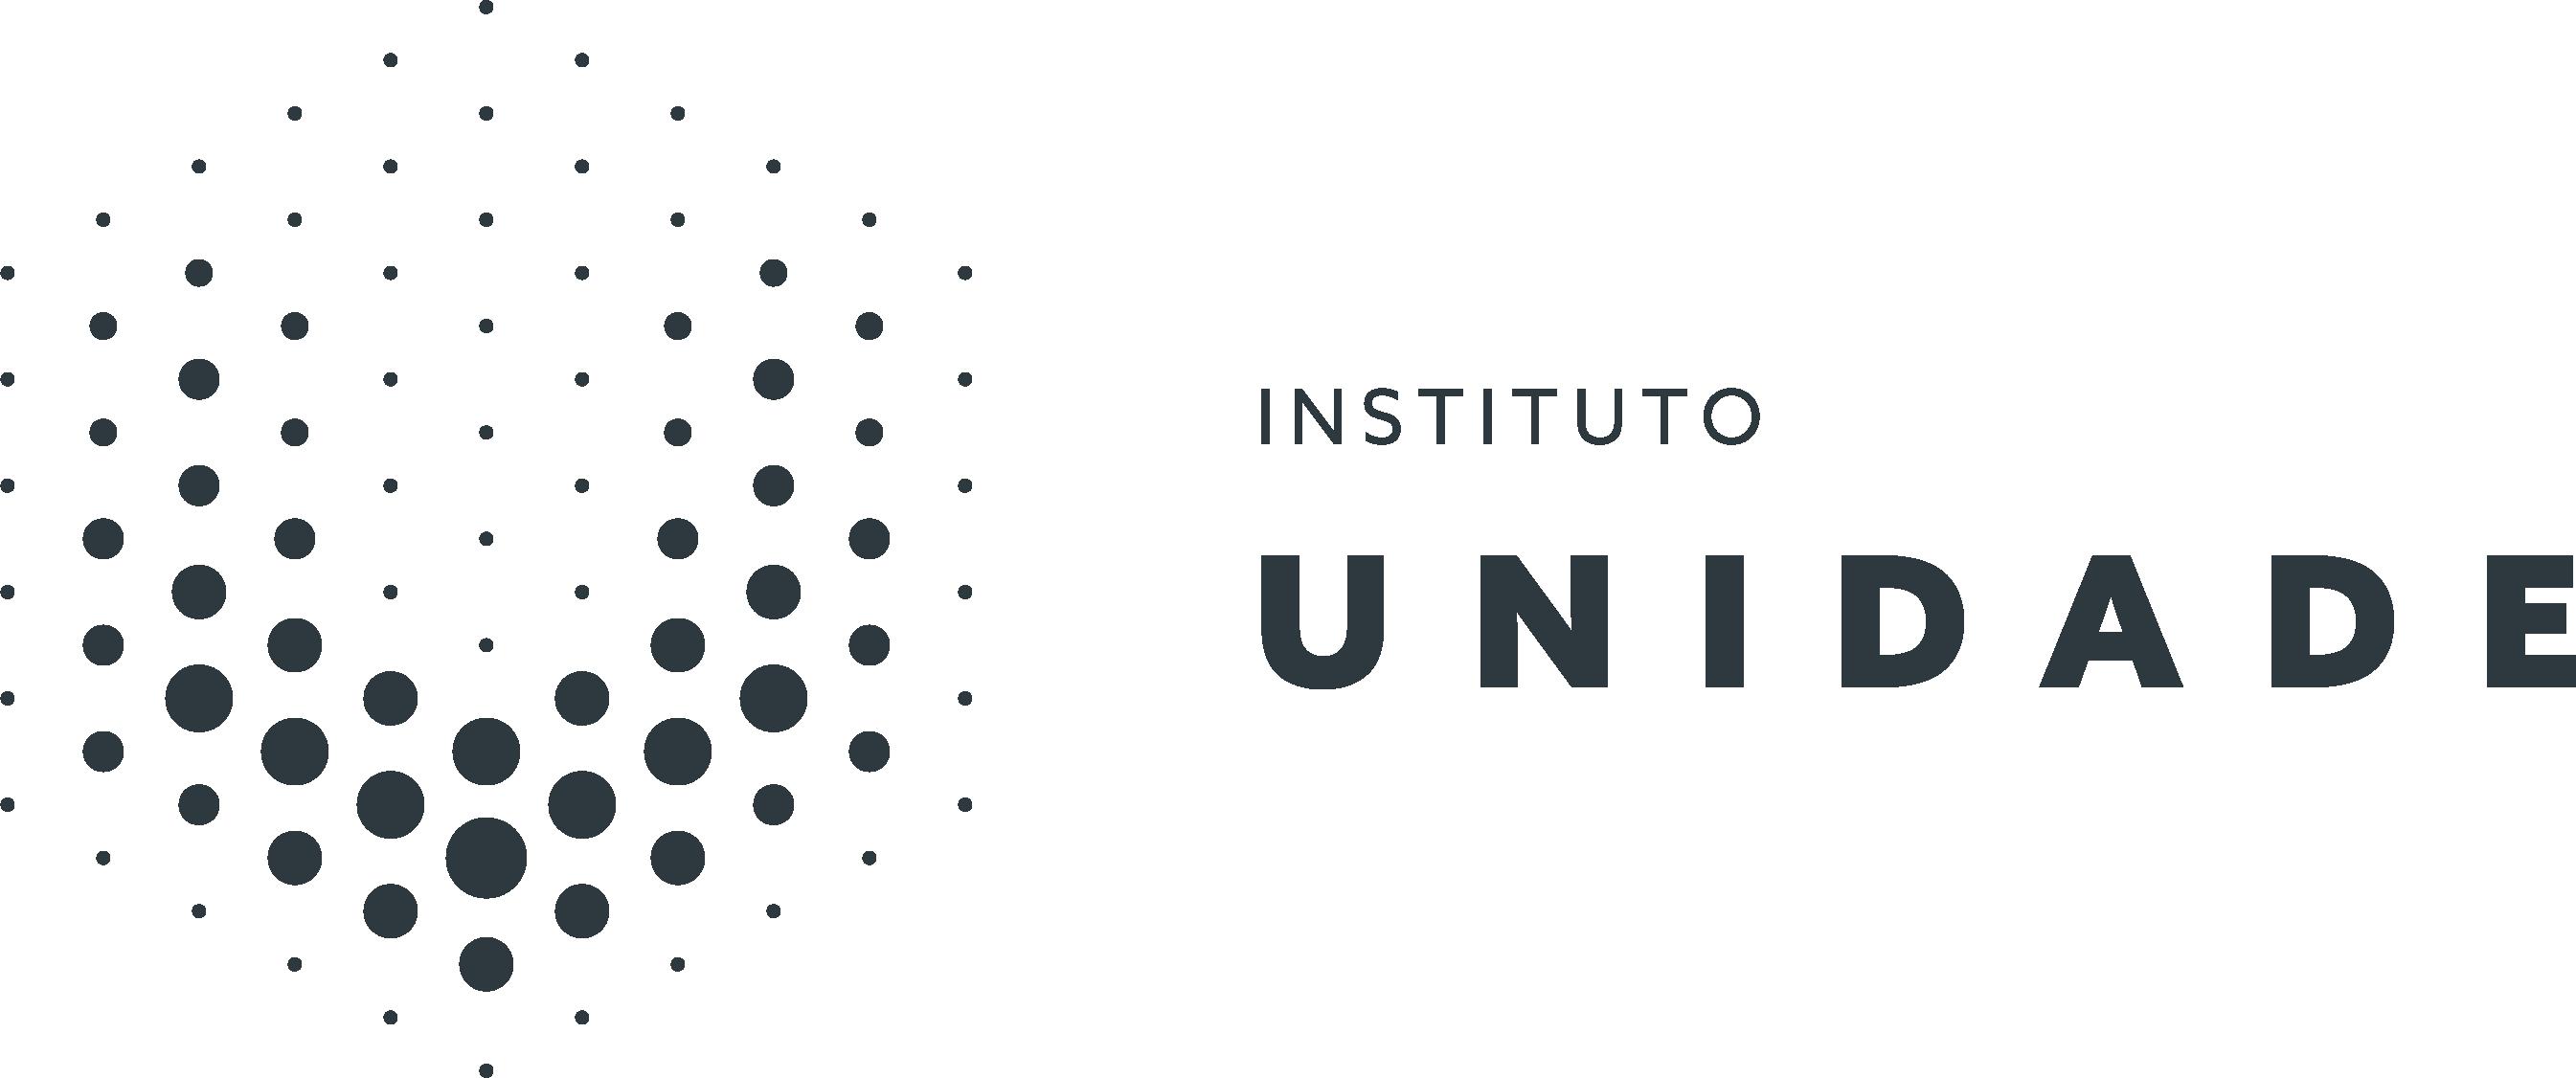 Instituto Unidade | Cursos Livres e de Formação em Acupuntura e Massoterapia